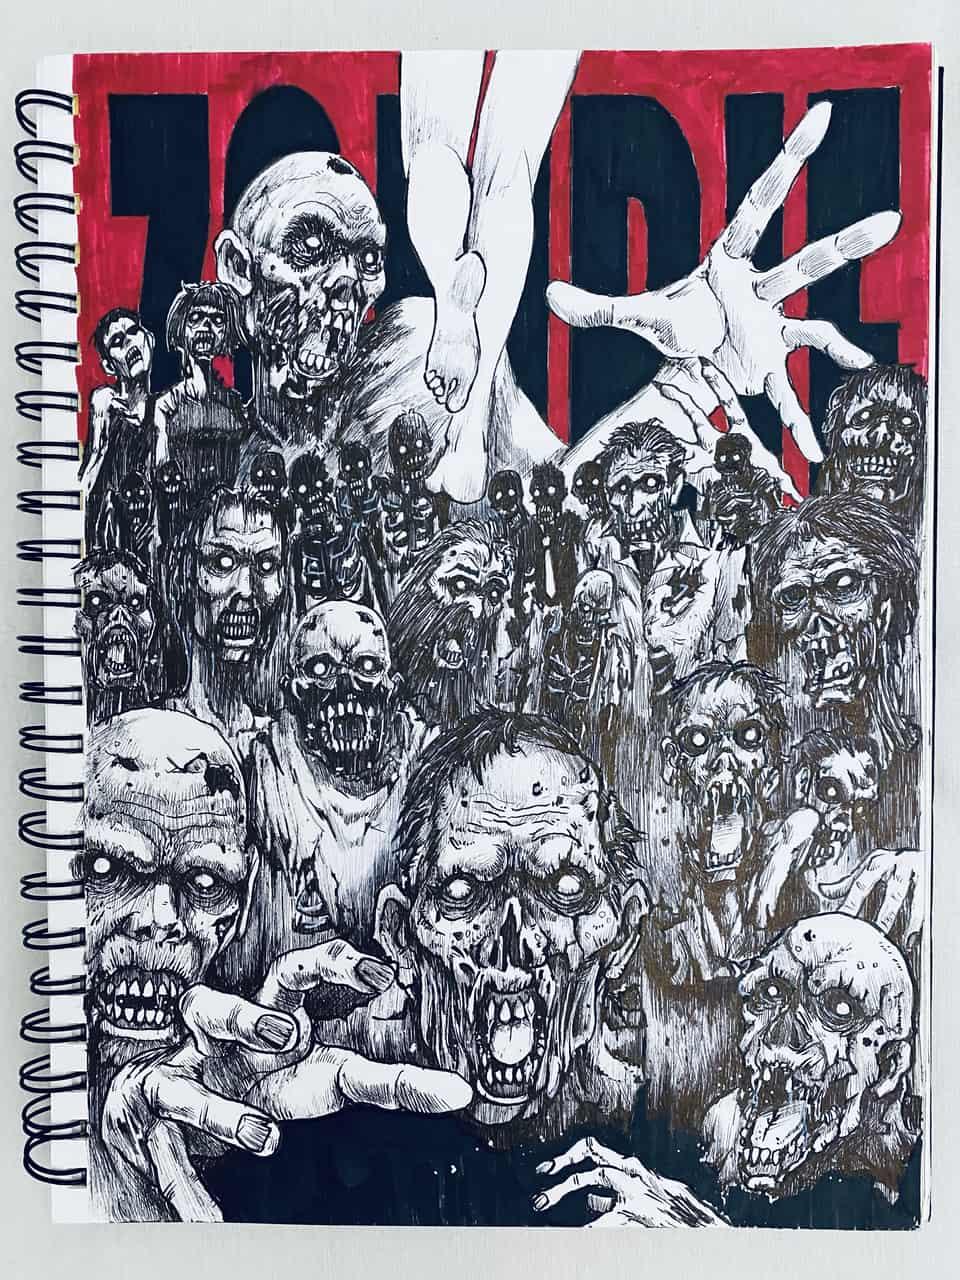 【お絵描き】ゾンビを描いてみた! Illust of chuanchieh illustration ペン画 Shudder original sketch アナログ絵 zombie art